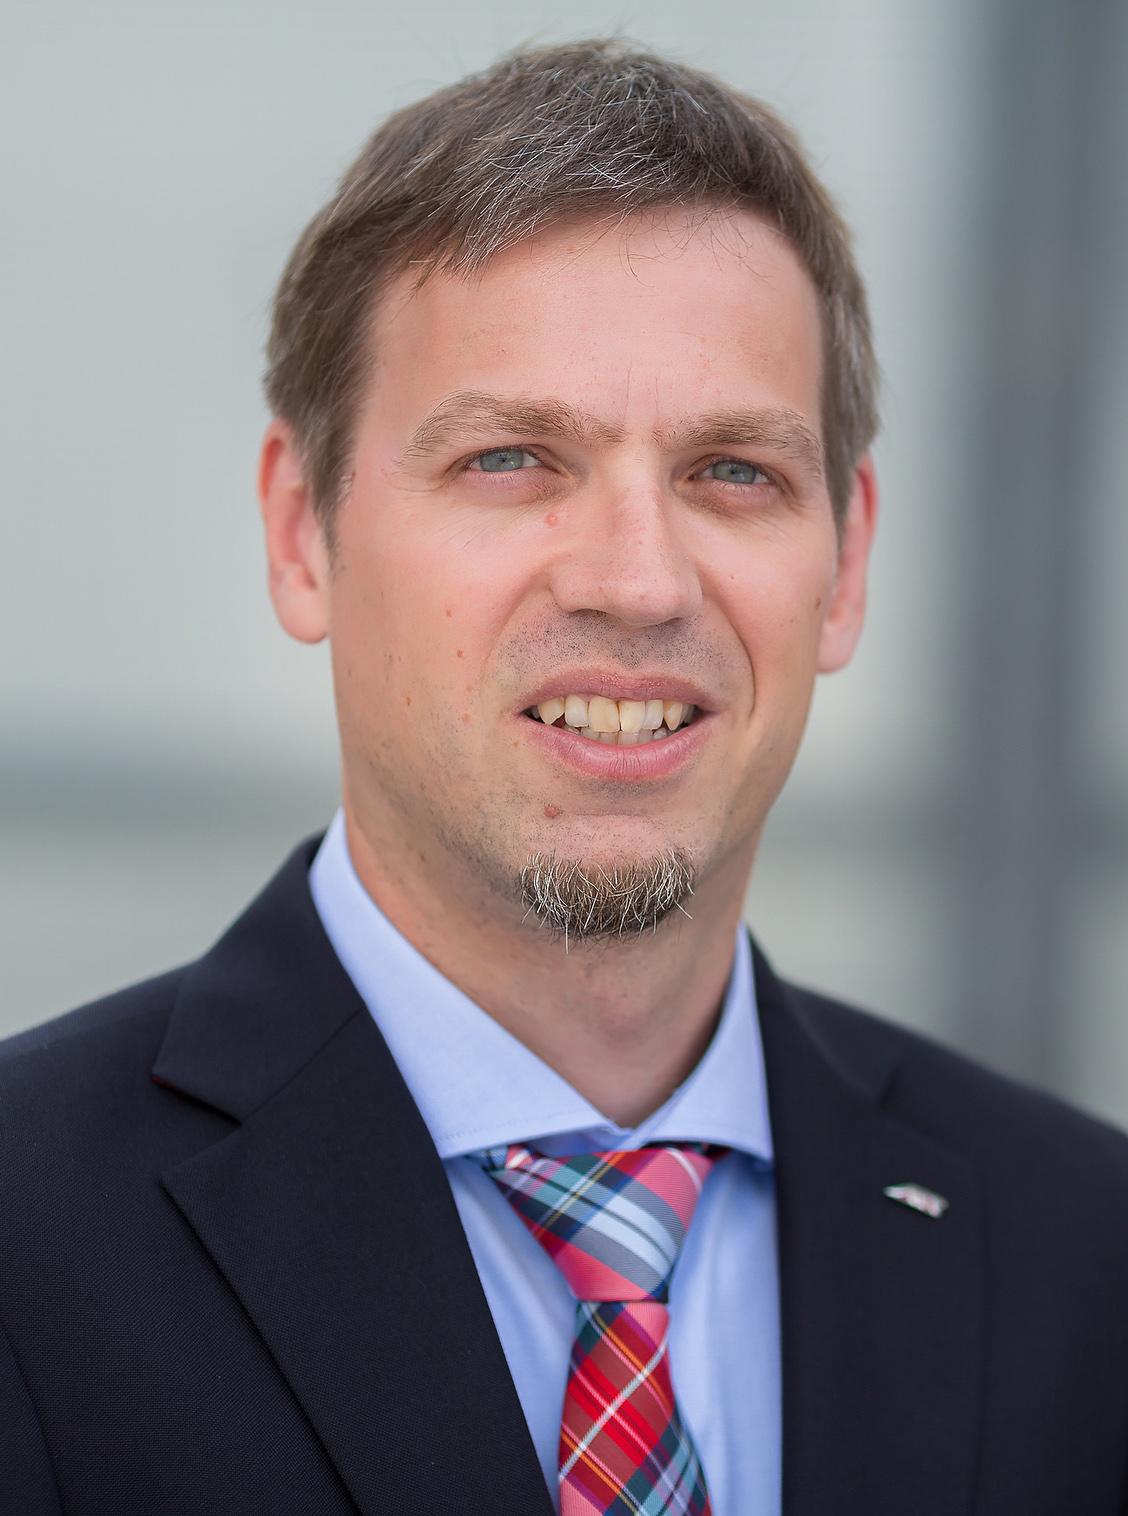 Johannes Stöckl Profilbild